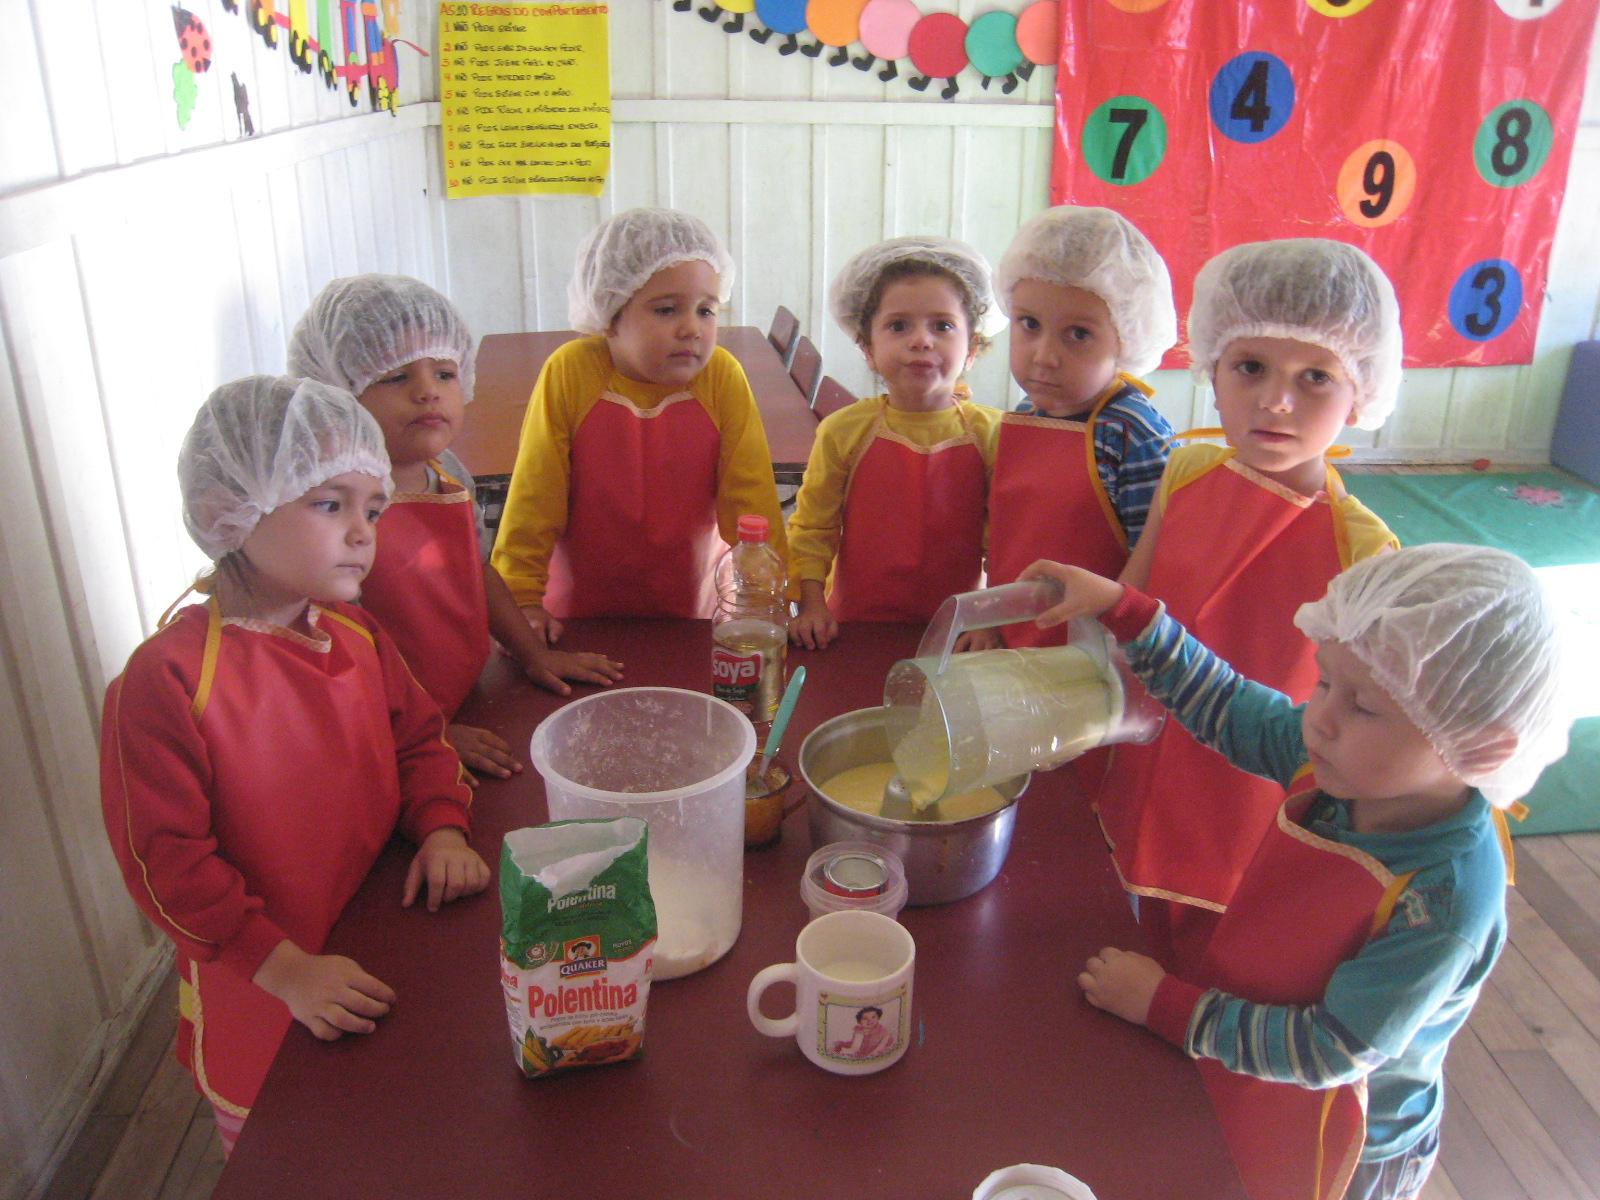 #AF1D29 PROJETO ALIMENTAÇÃO NA EDUCAÇÃO INFANTIL 1600x1200 px Projeto Cozinha Na Educação Infantil_4295 Imagens